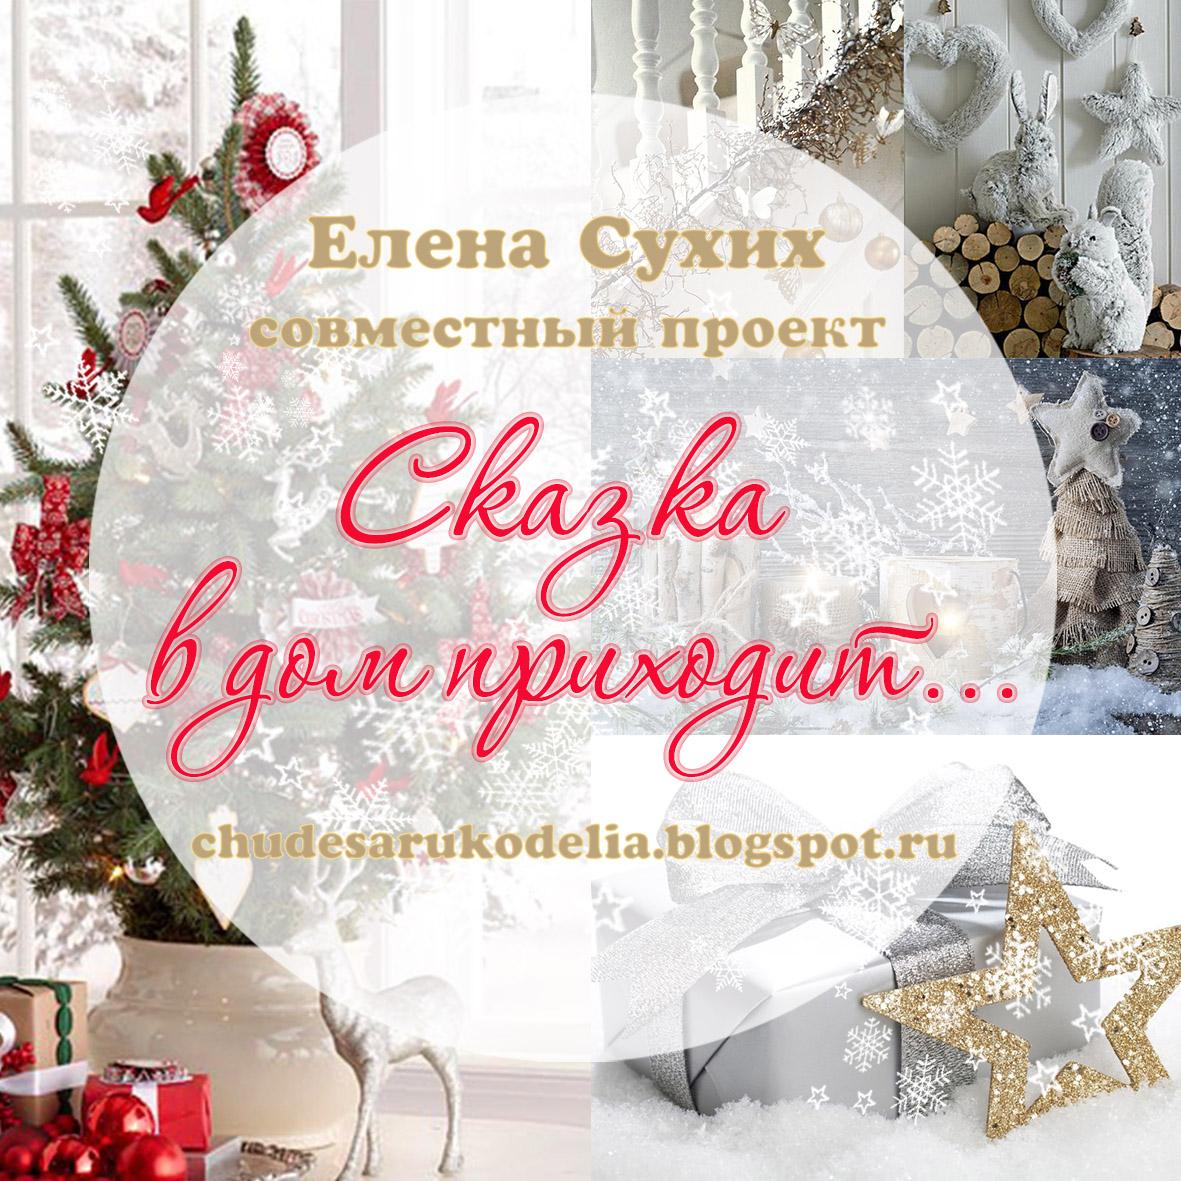 Анонс новогоднего СП